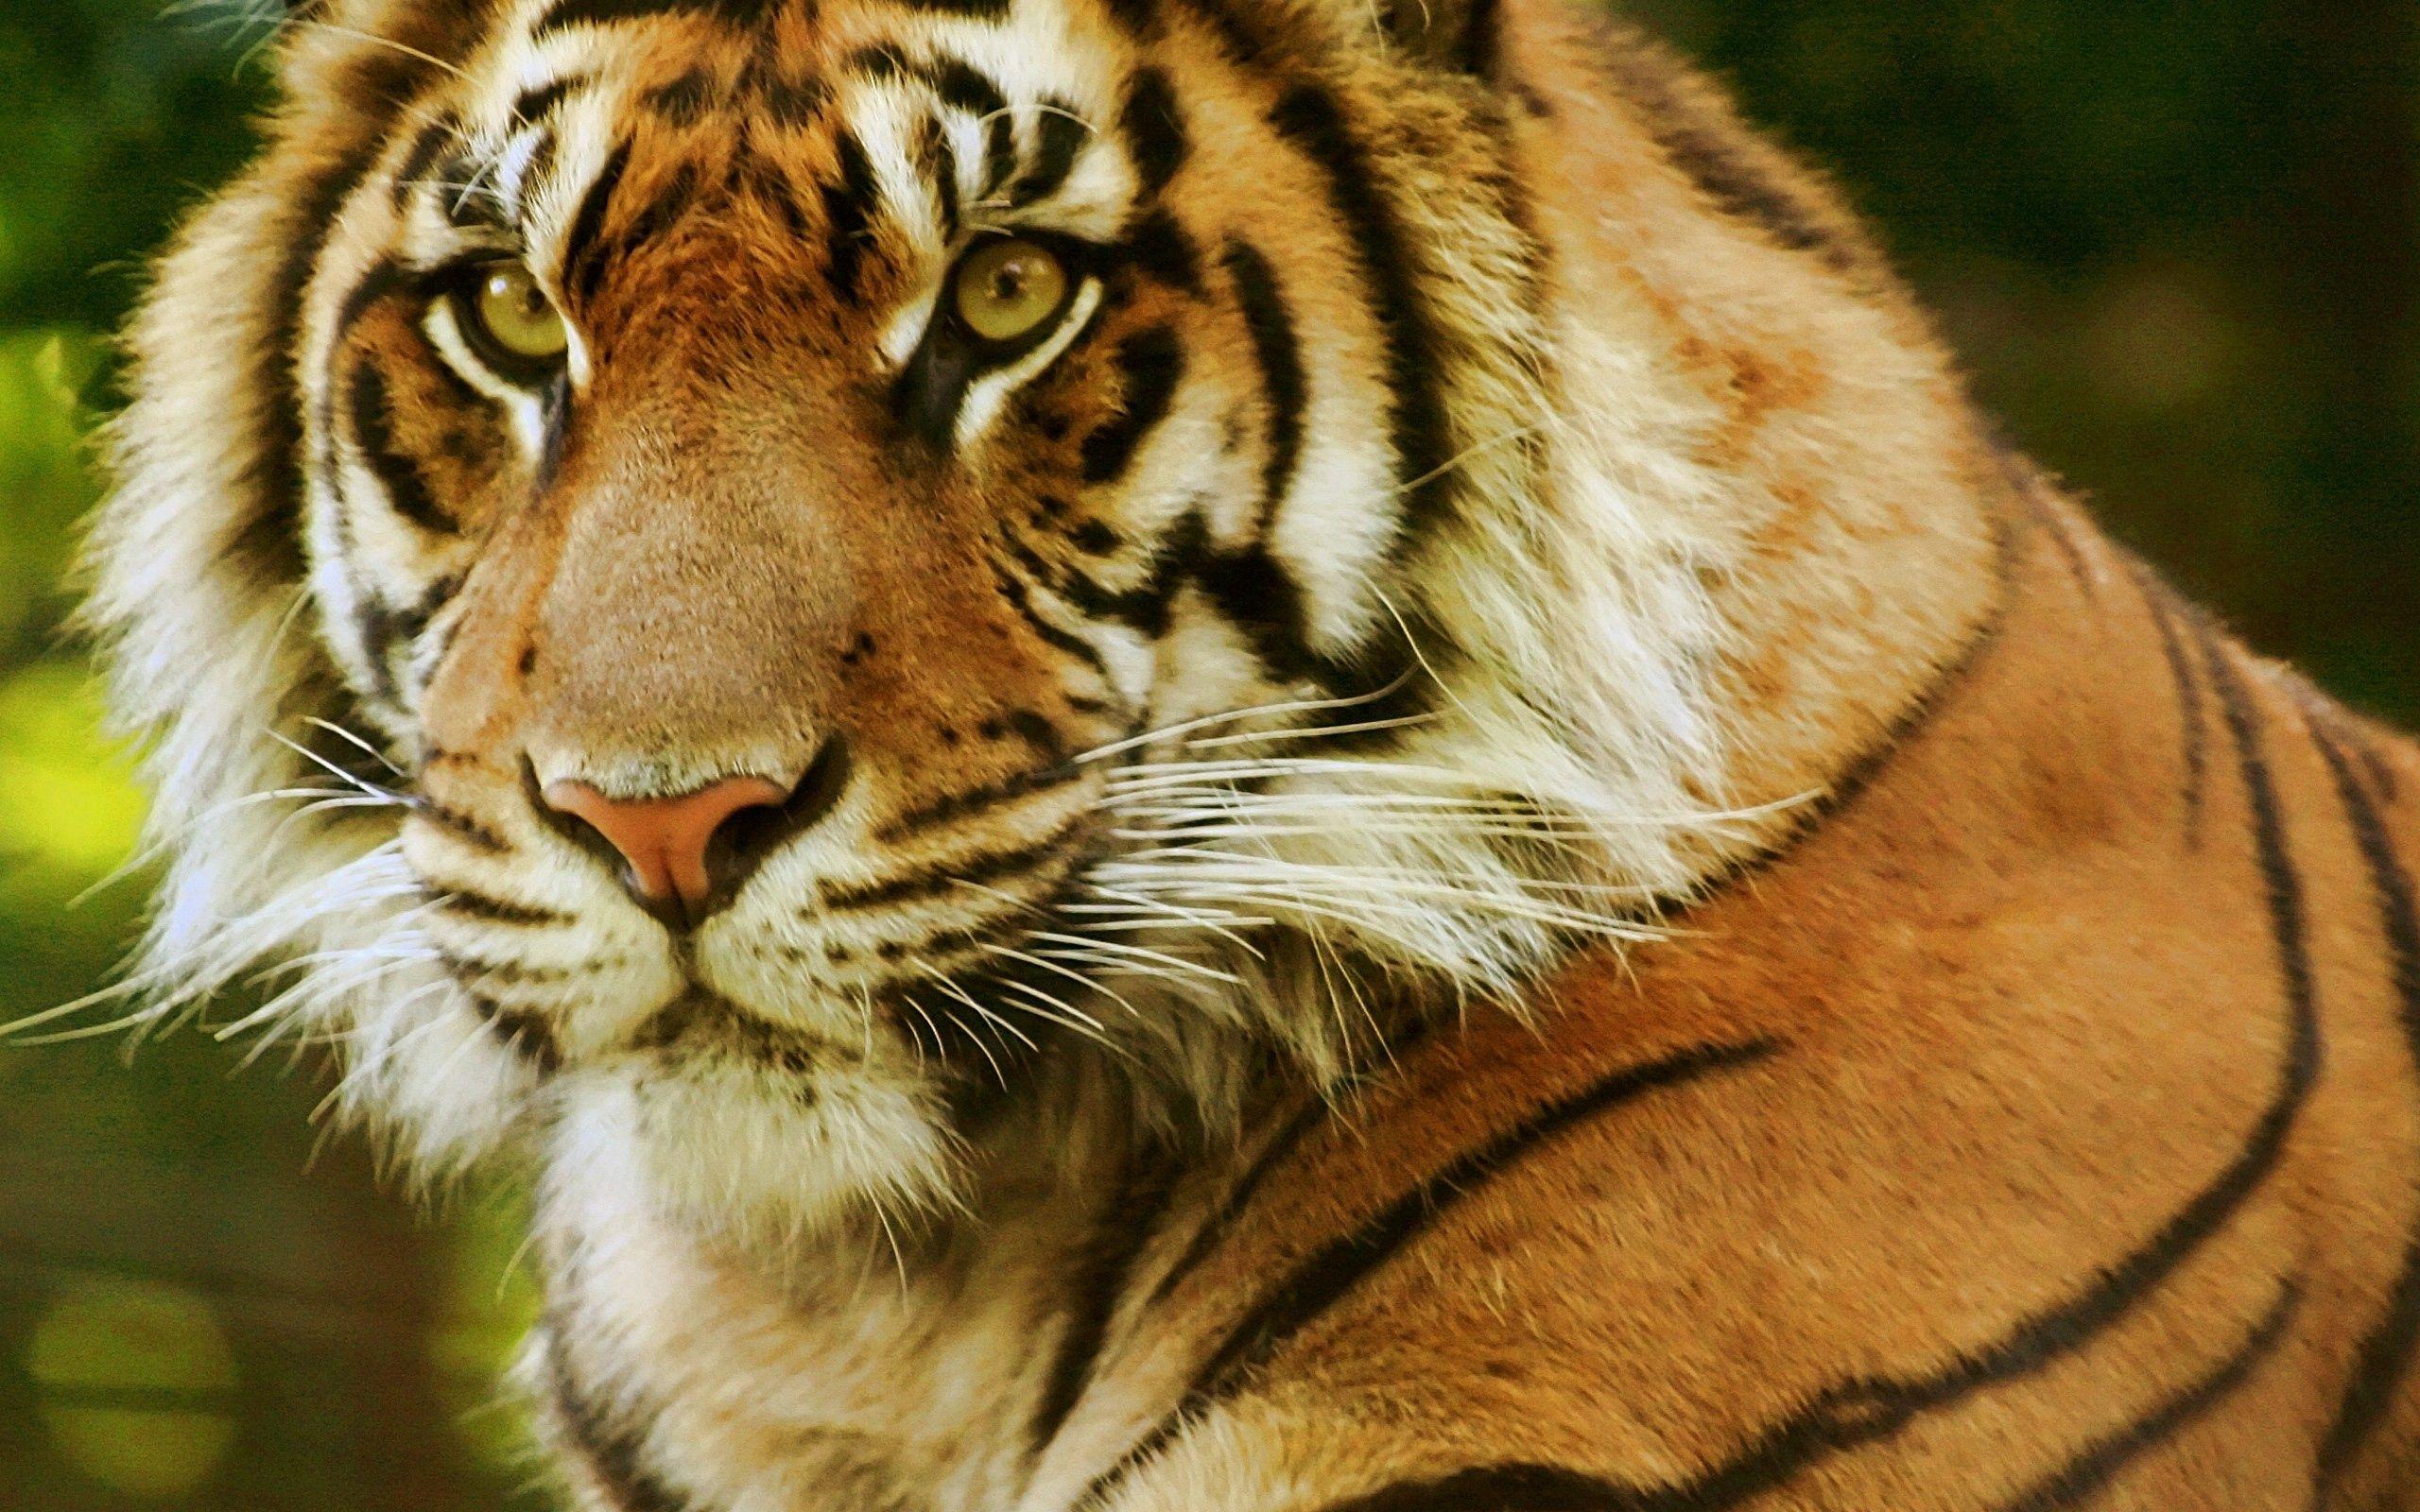 65300 Hintergrundbild 480x800 kostenlos auf deinem Handy, lade Bilder Tiere, Schnauze, Raubtier, Predator, Sicht, Meinung, Tiger 480x800 auf dein Handy herunter